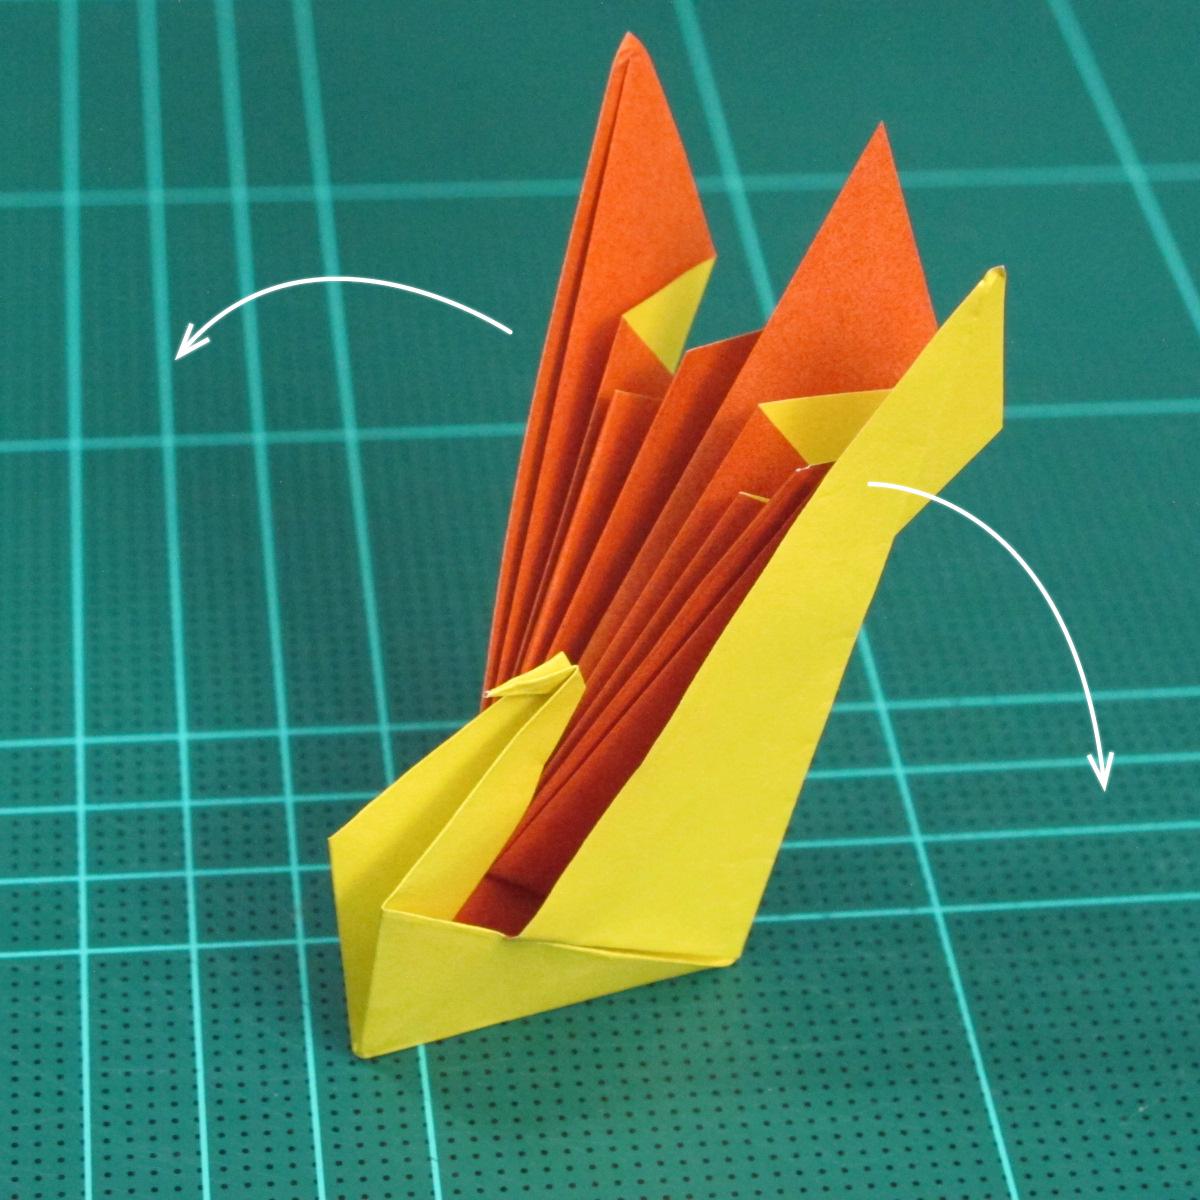 วิธีพับกระดาษเป็นรูปนกยูง (Origami Peacock - ピーコックの折り紙) 028